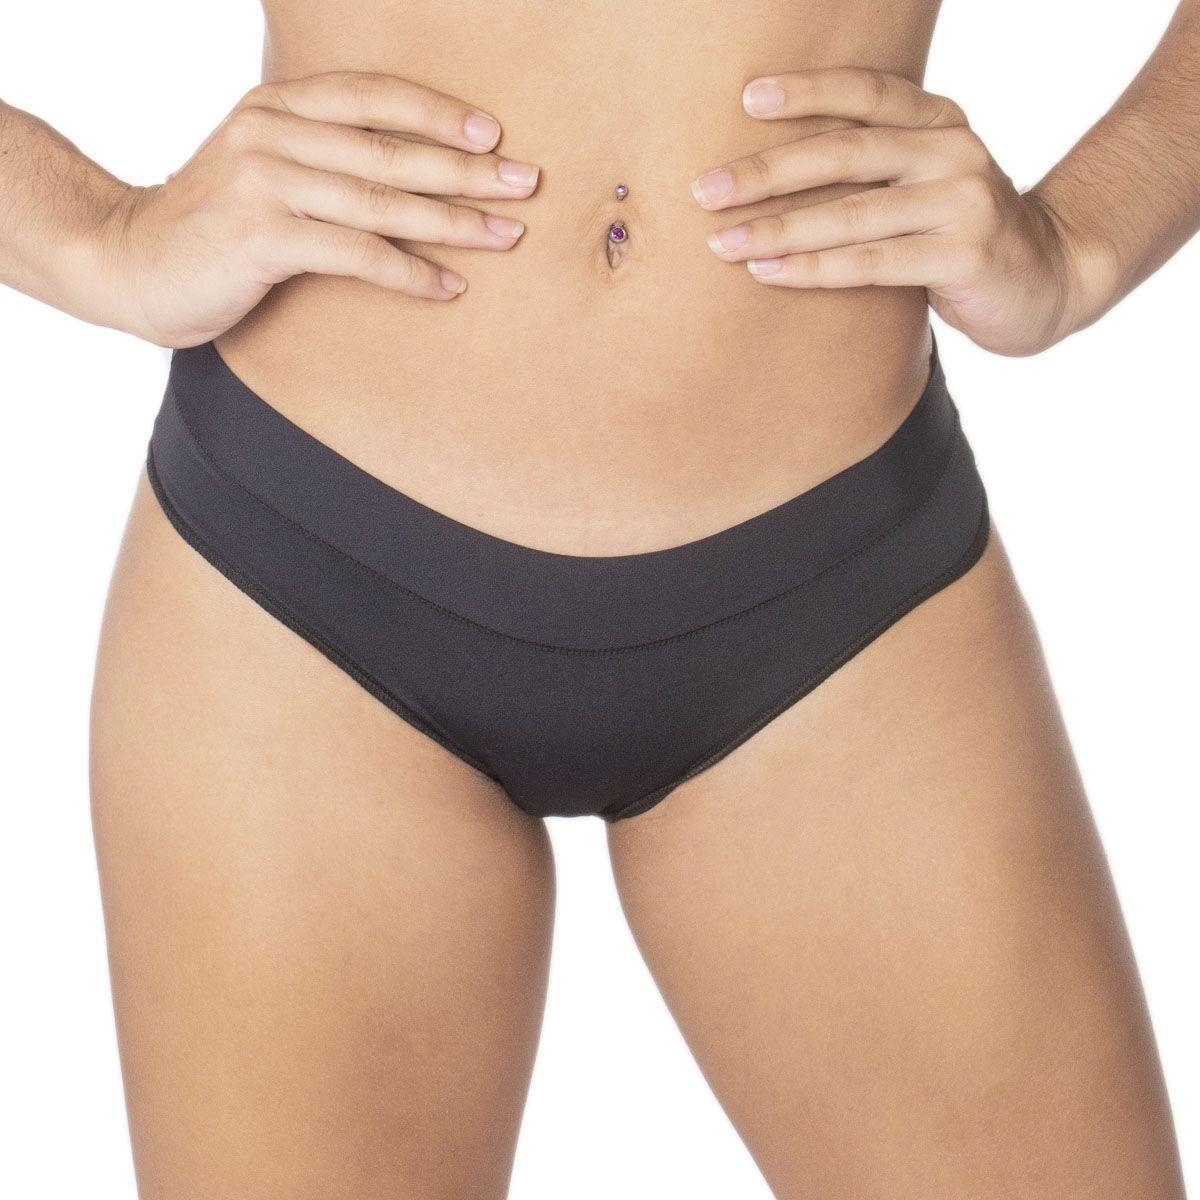 Calcinha modelo tanga cós com tecido duplo Nayane Rodrigues